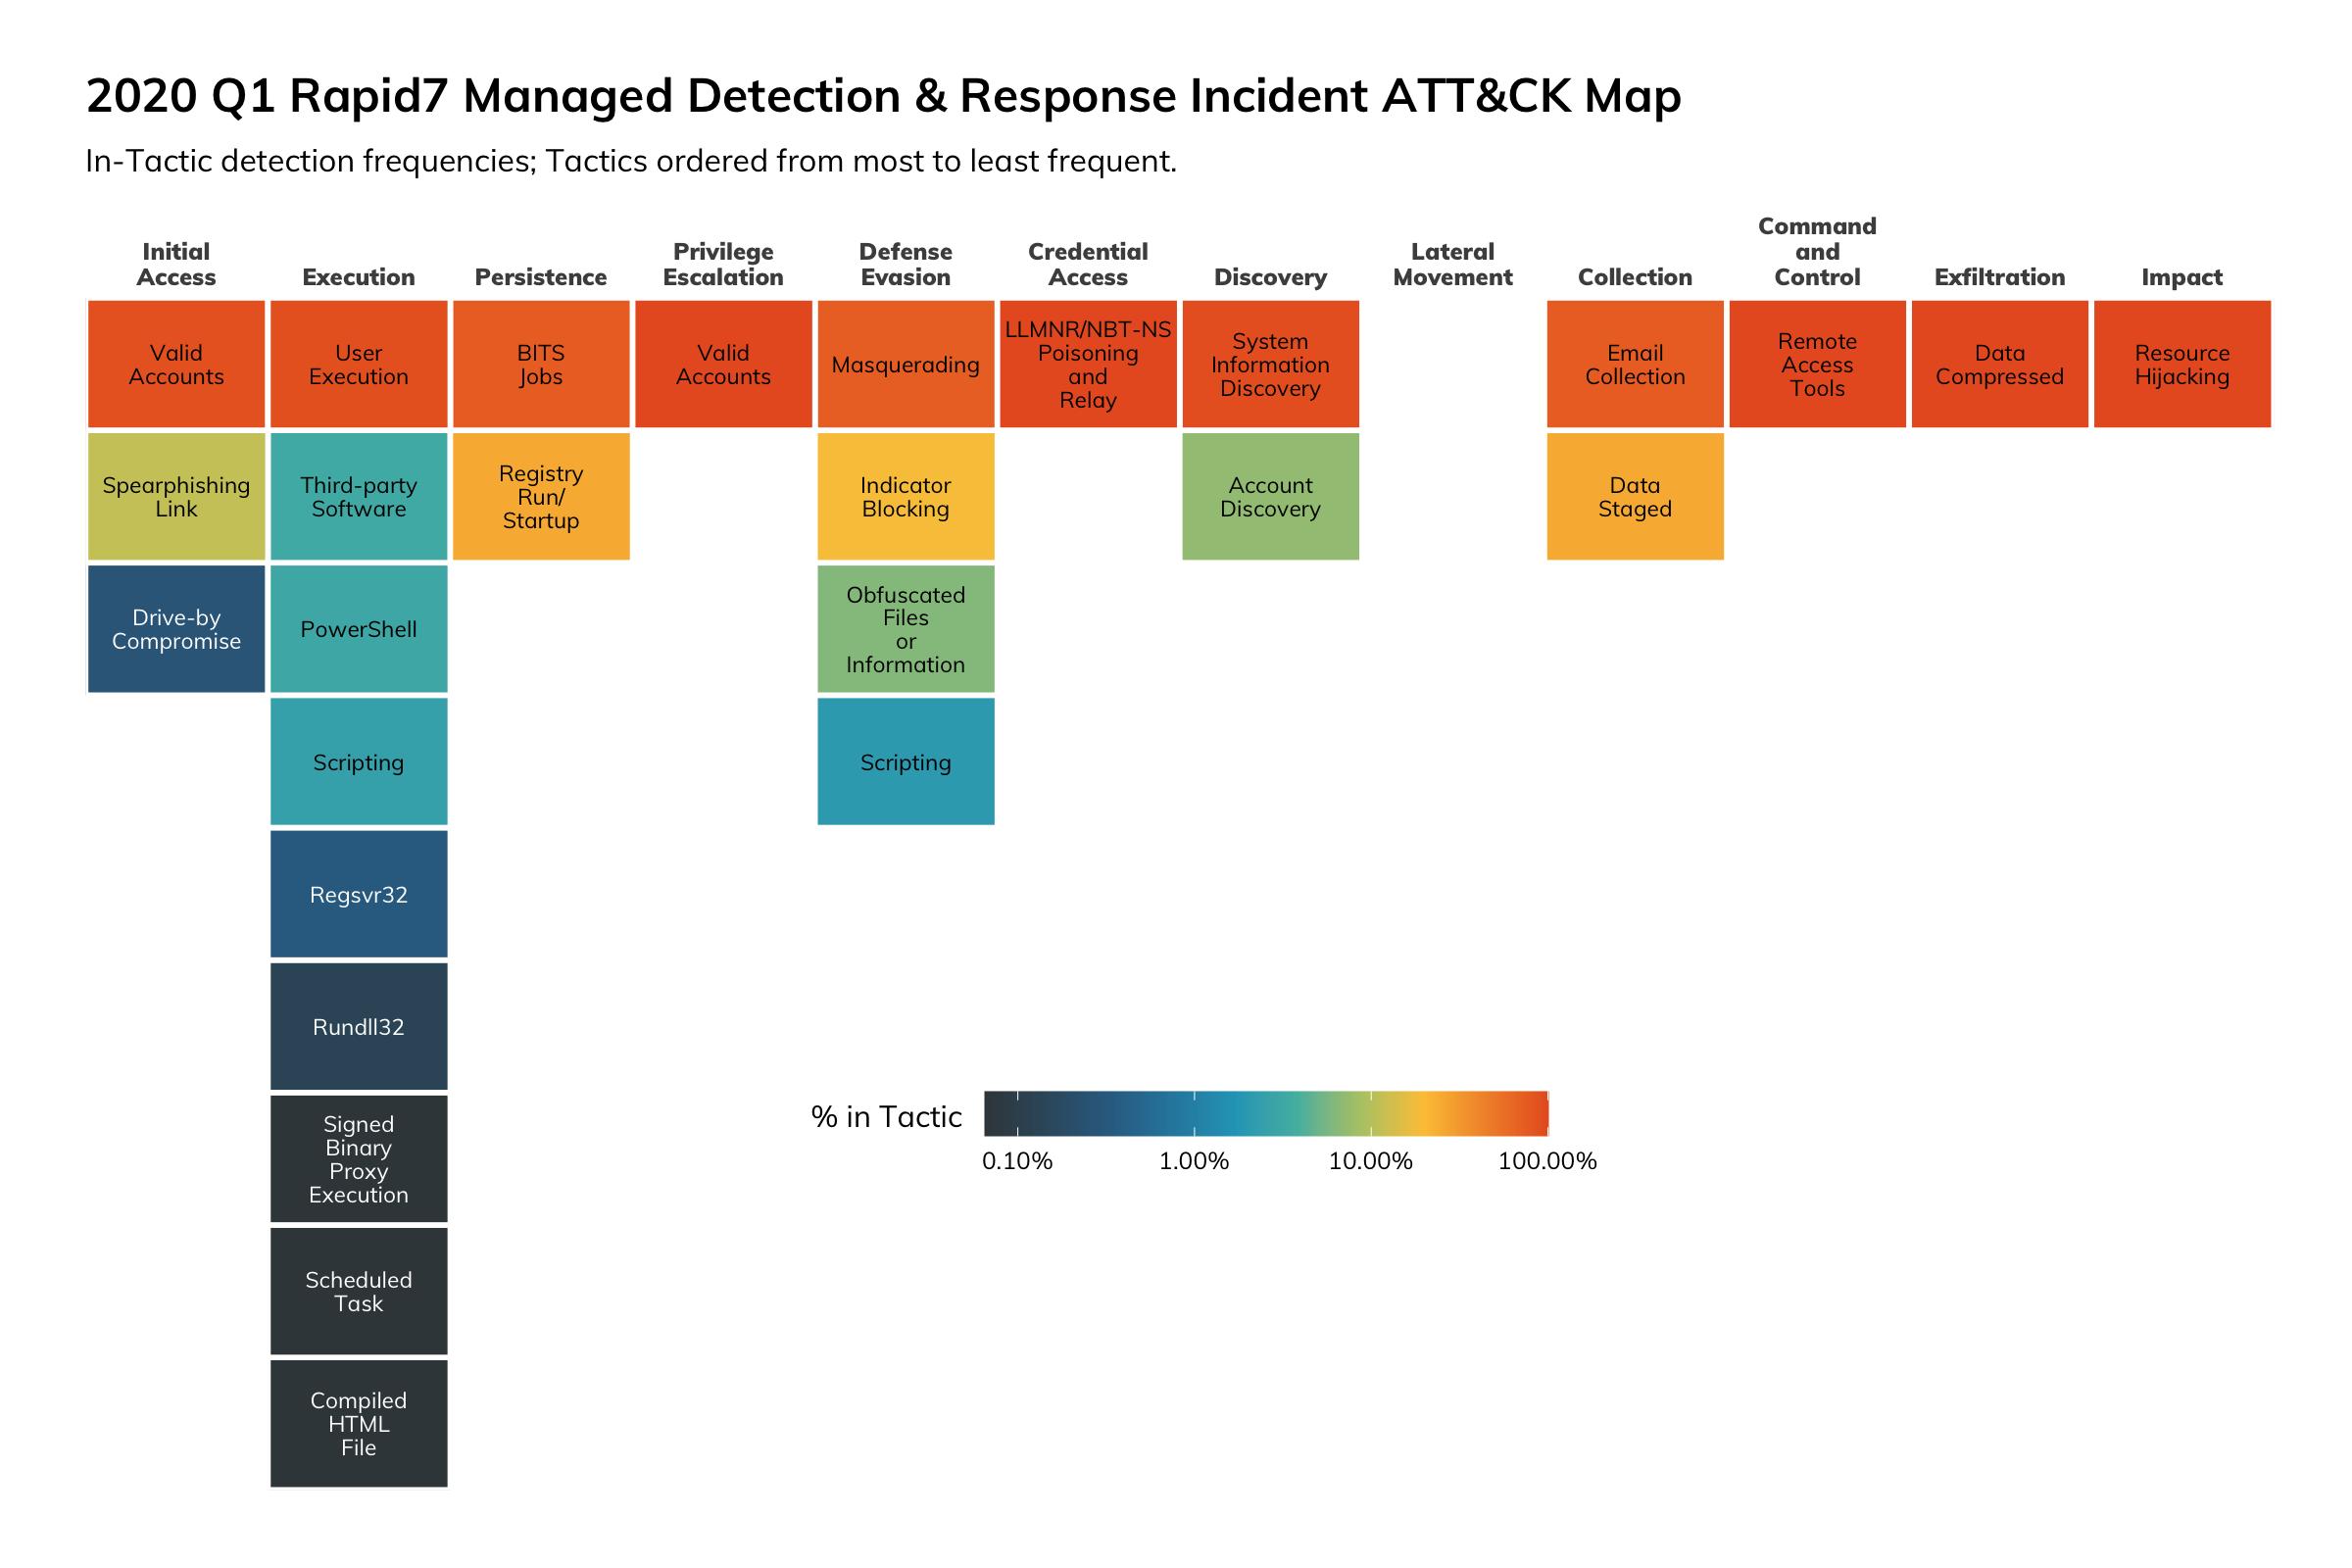 図8:2020年第1四半期のRapid7 MDRサービスにおけるインシデントATT&CKマップ